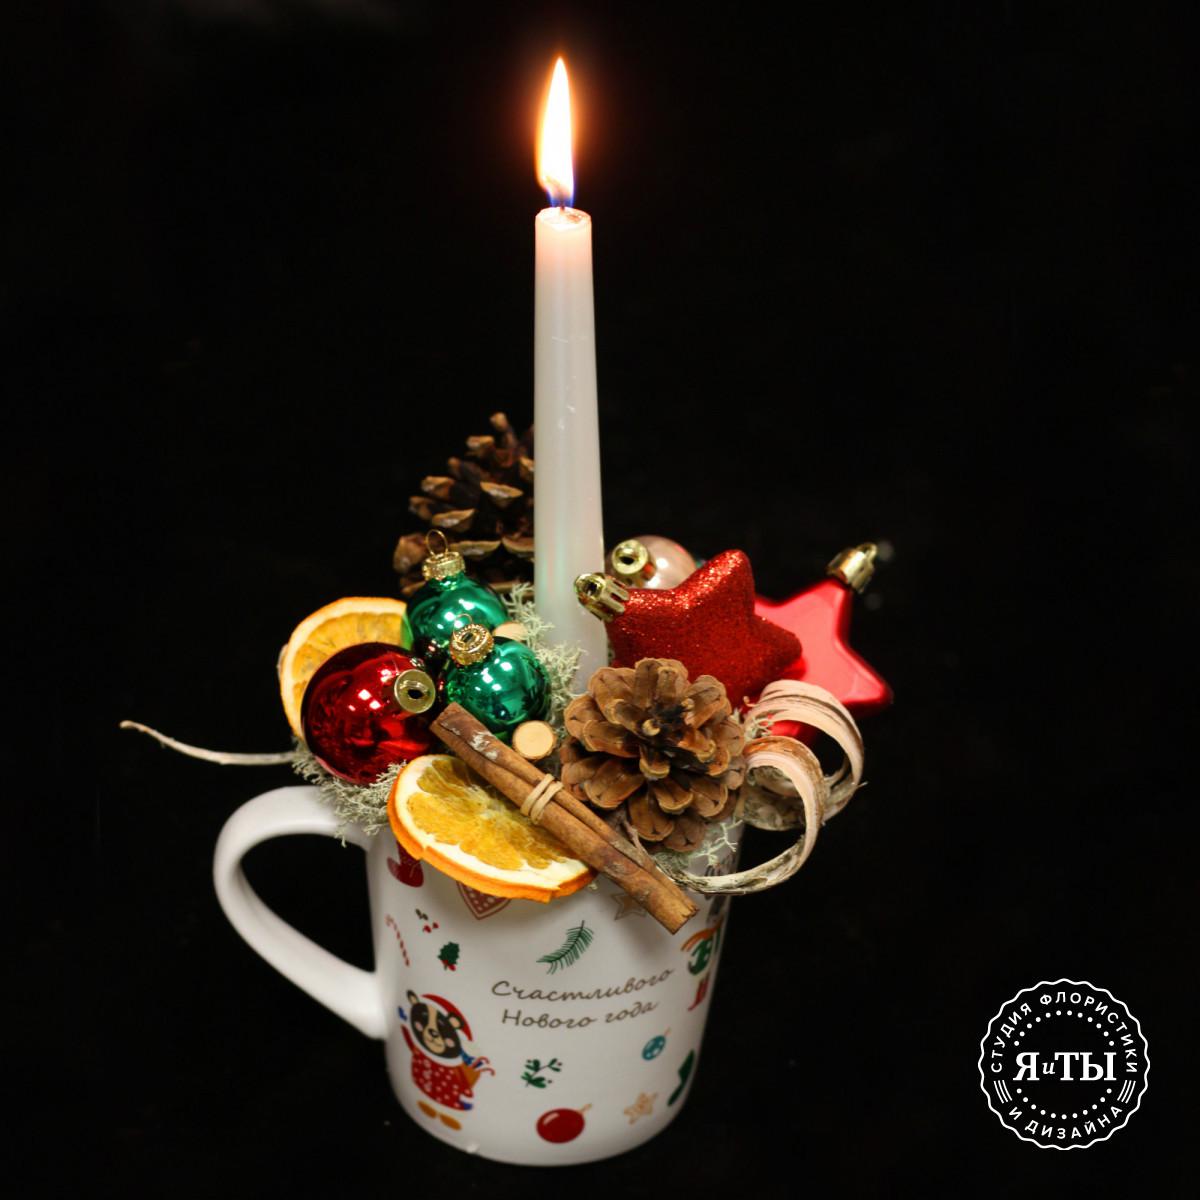 Композиция в большой чашке со свечой